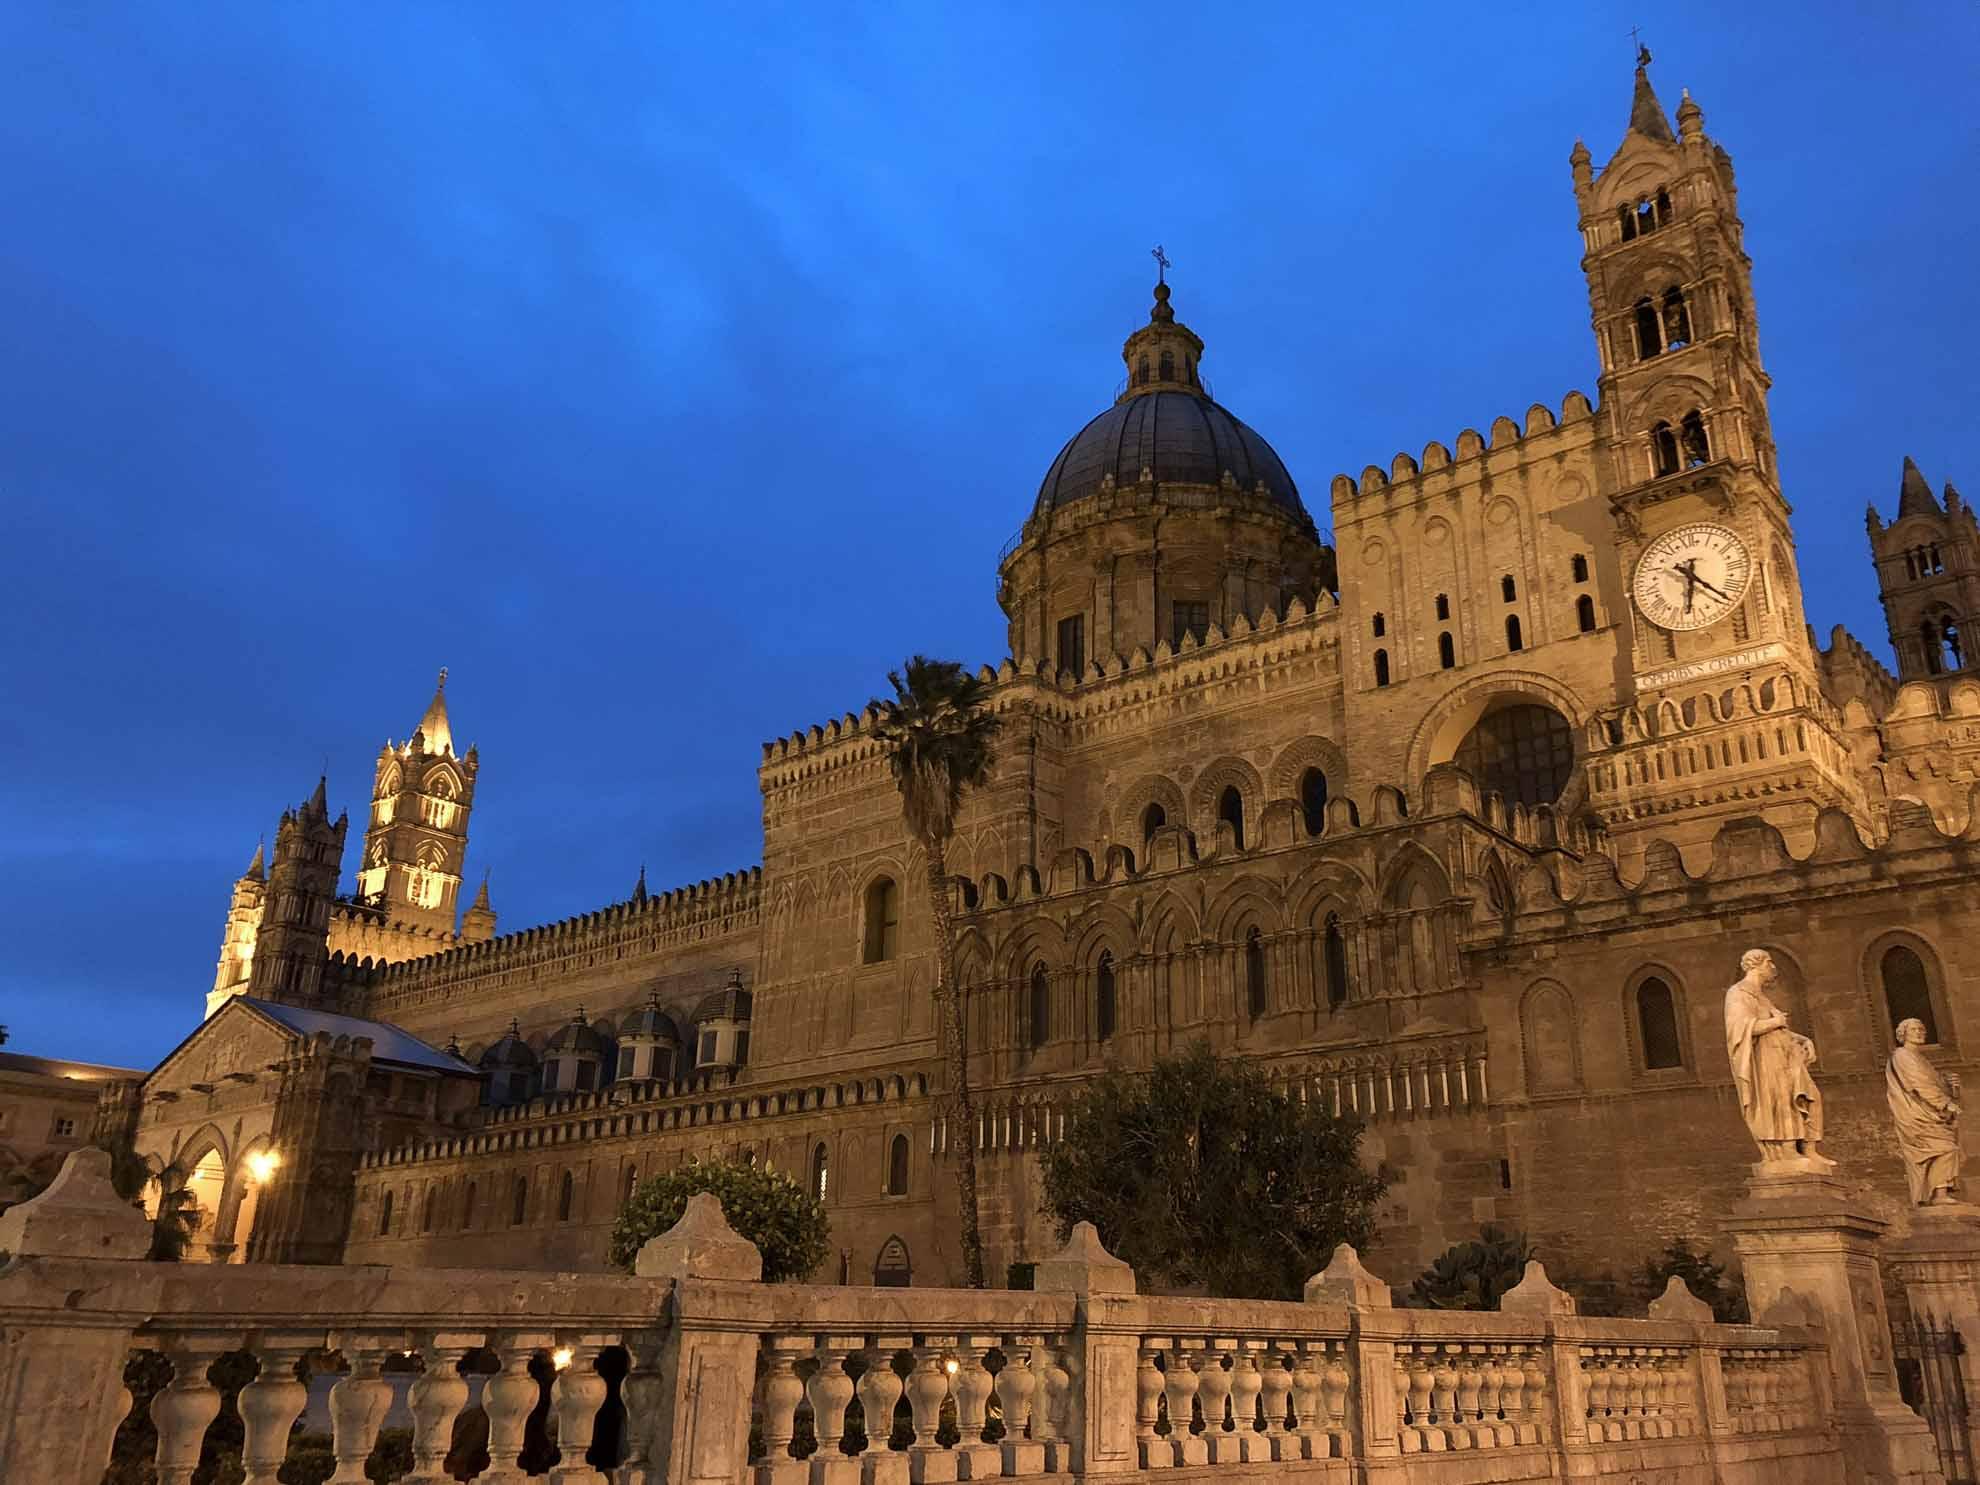 Im Laufe der Jahrhunderte wurde sie umgebaut und es wurde angebaut. Heute hat das imposante Bauwerk ein Mittelschiff, ein Querschiff und zwei Seitenschiffe.